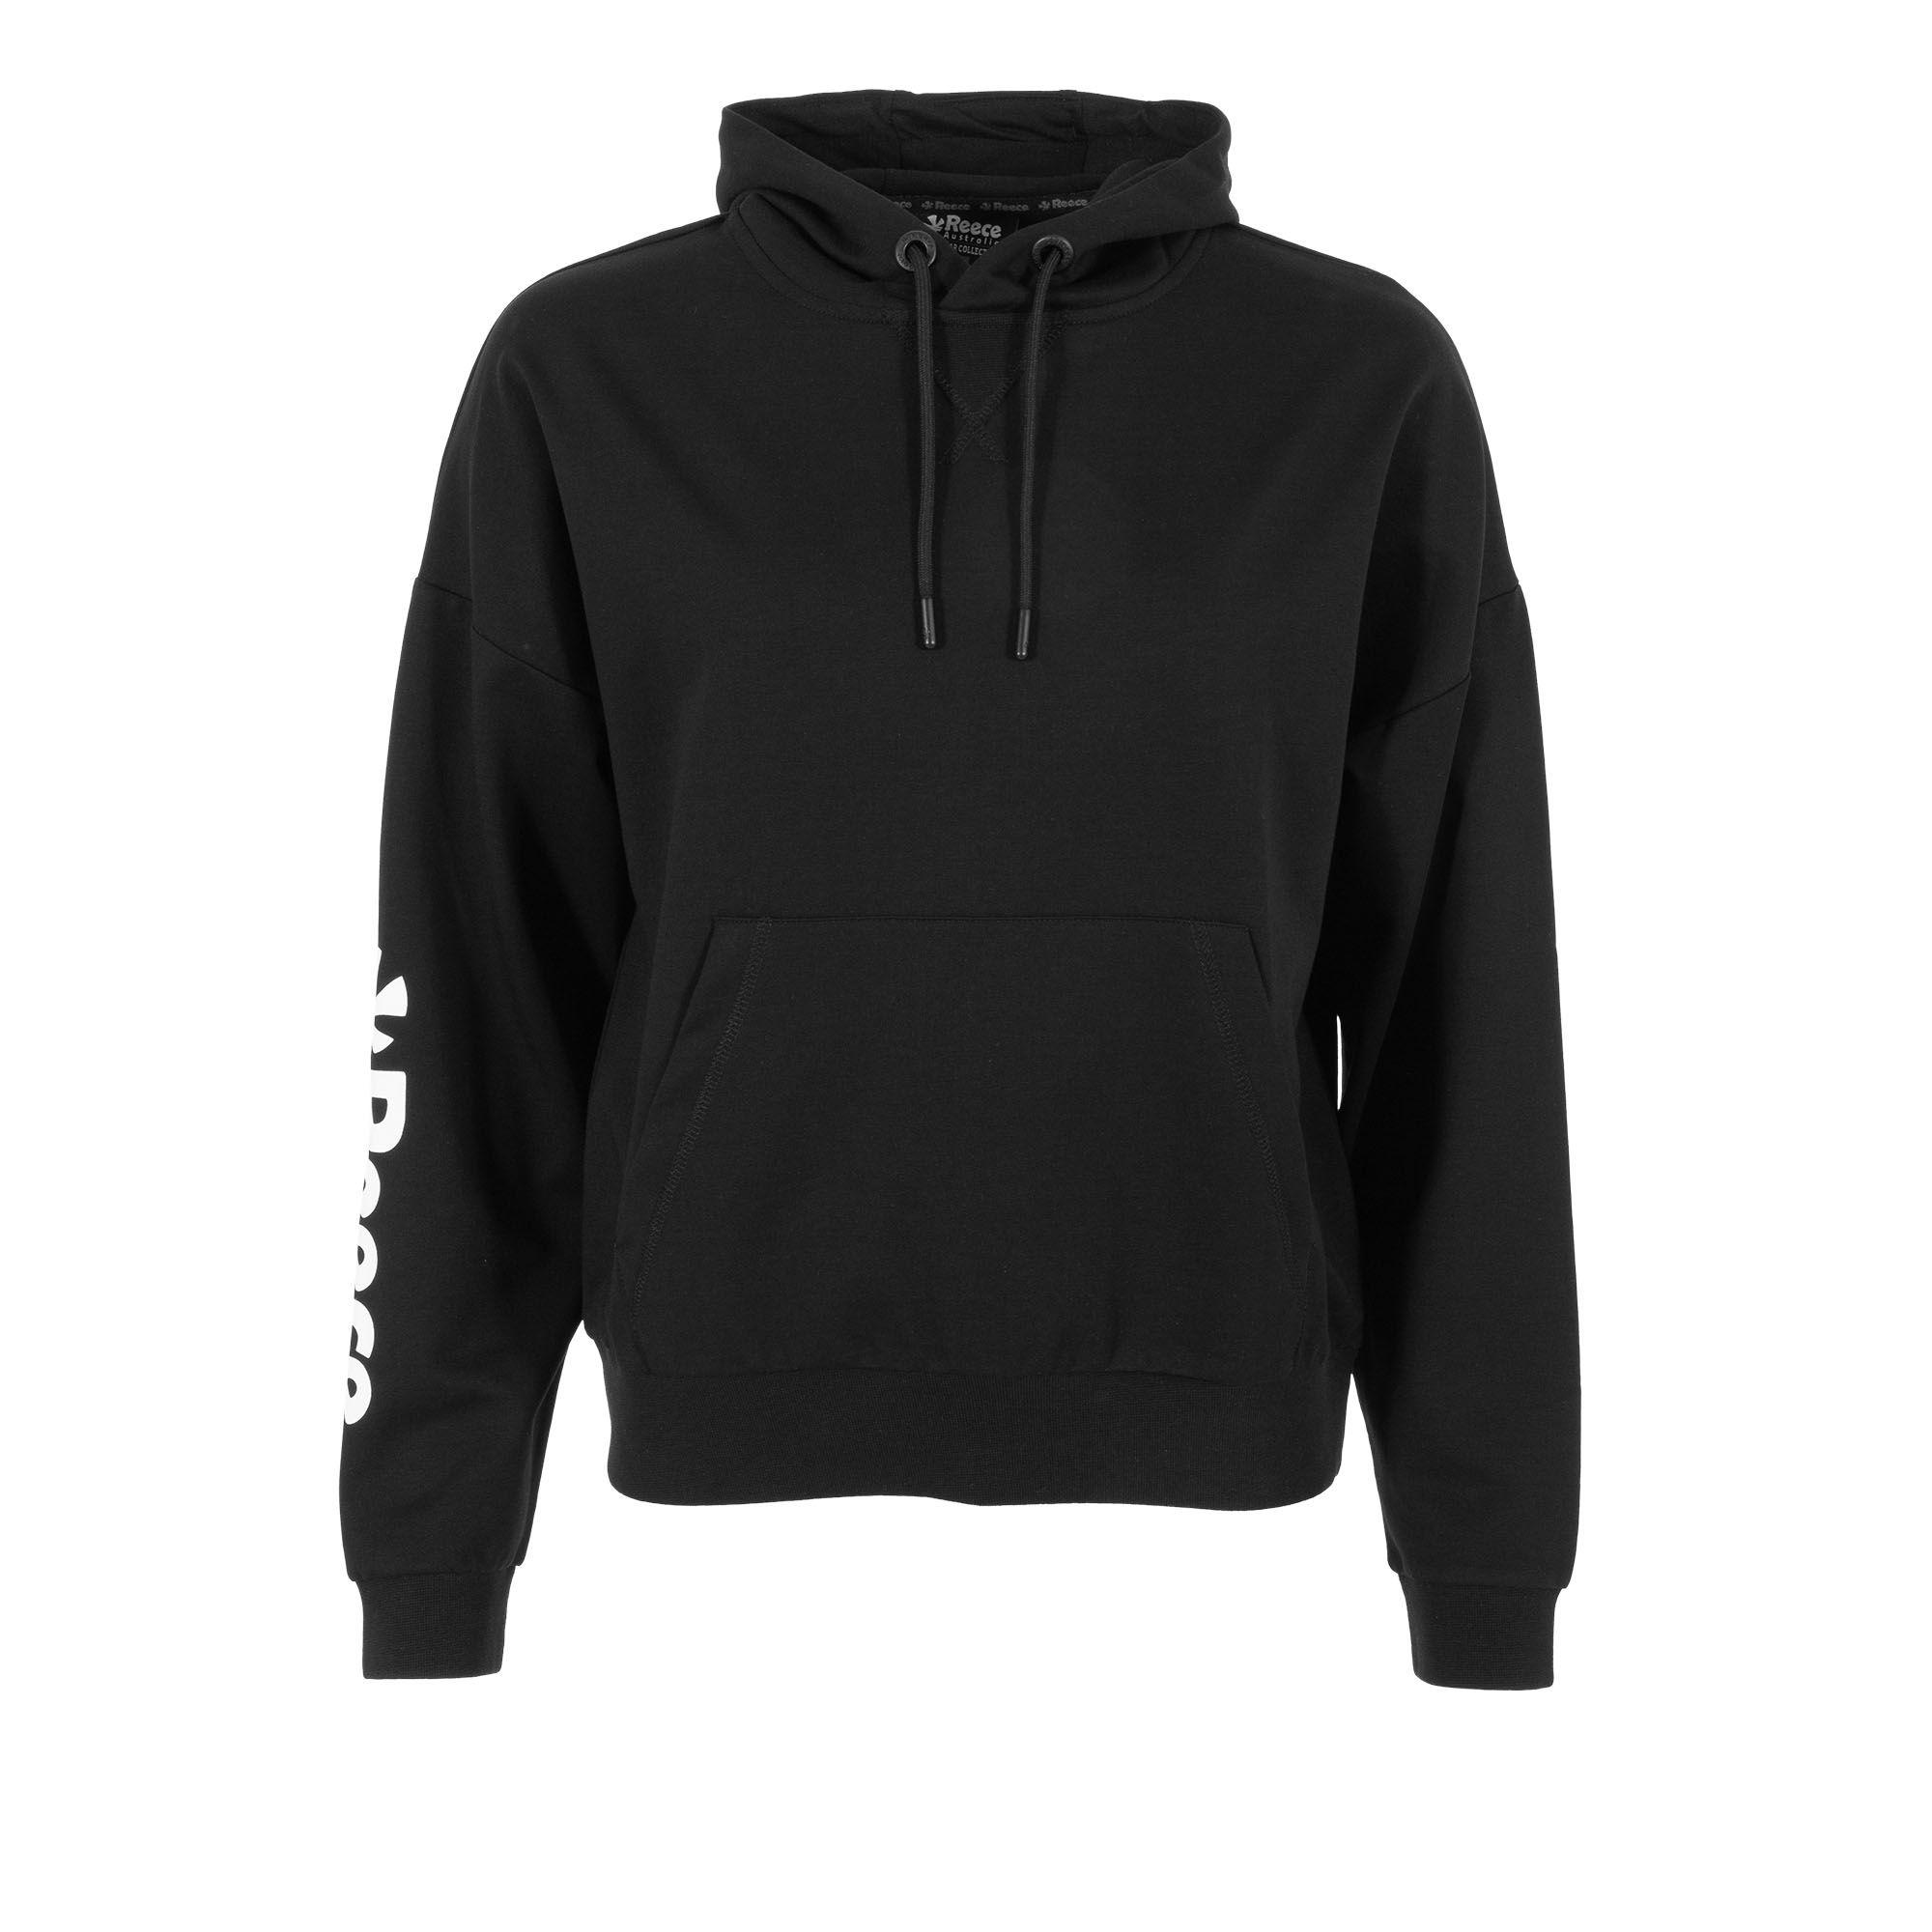 Reece oversized hoodie dames zwart